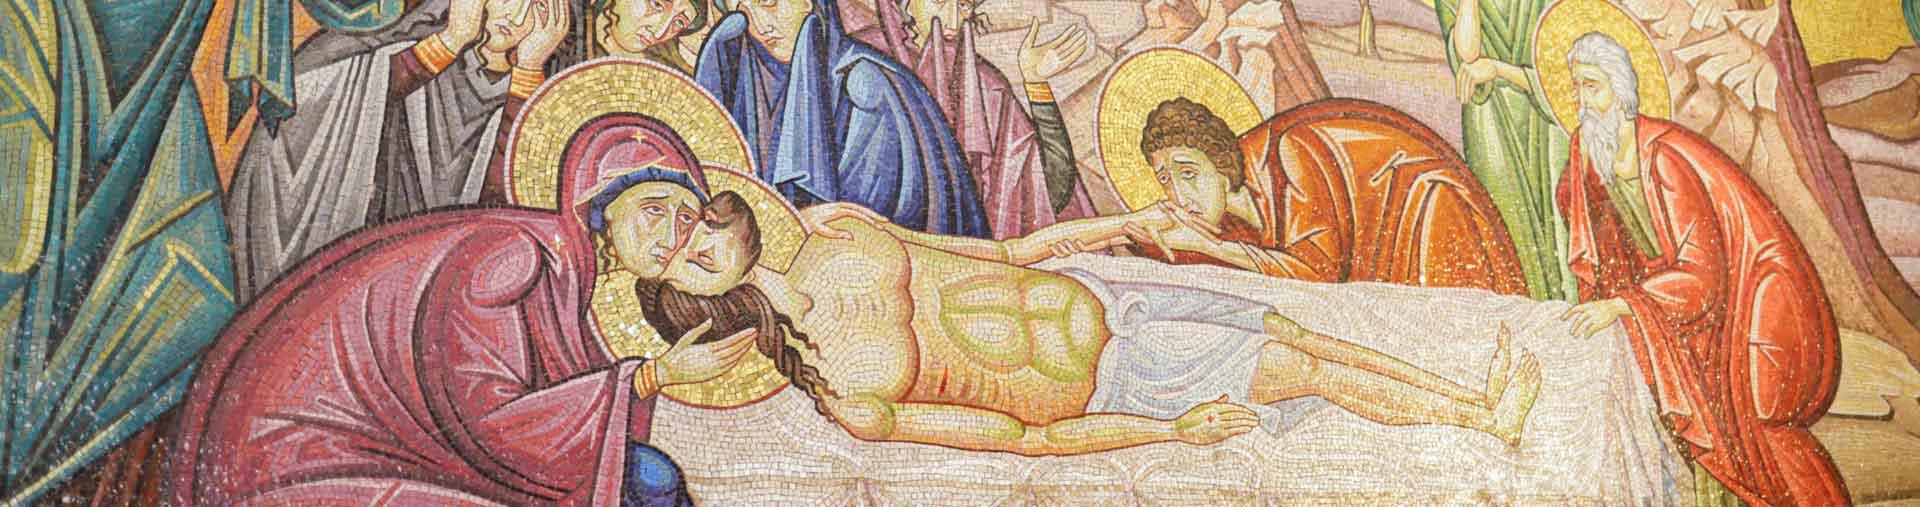 ציור מכנסיי הבשורה